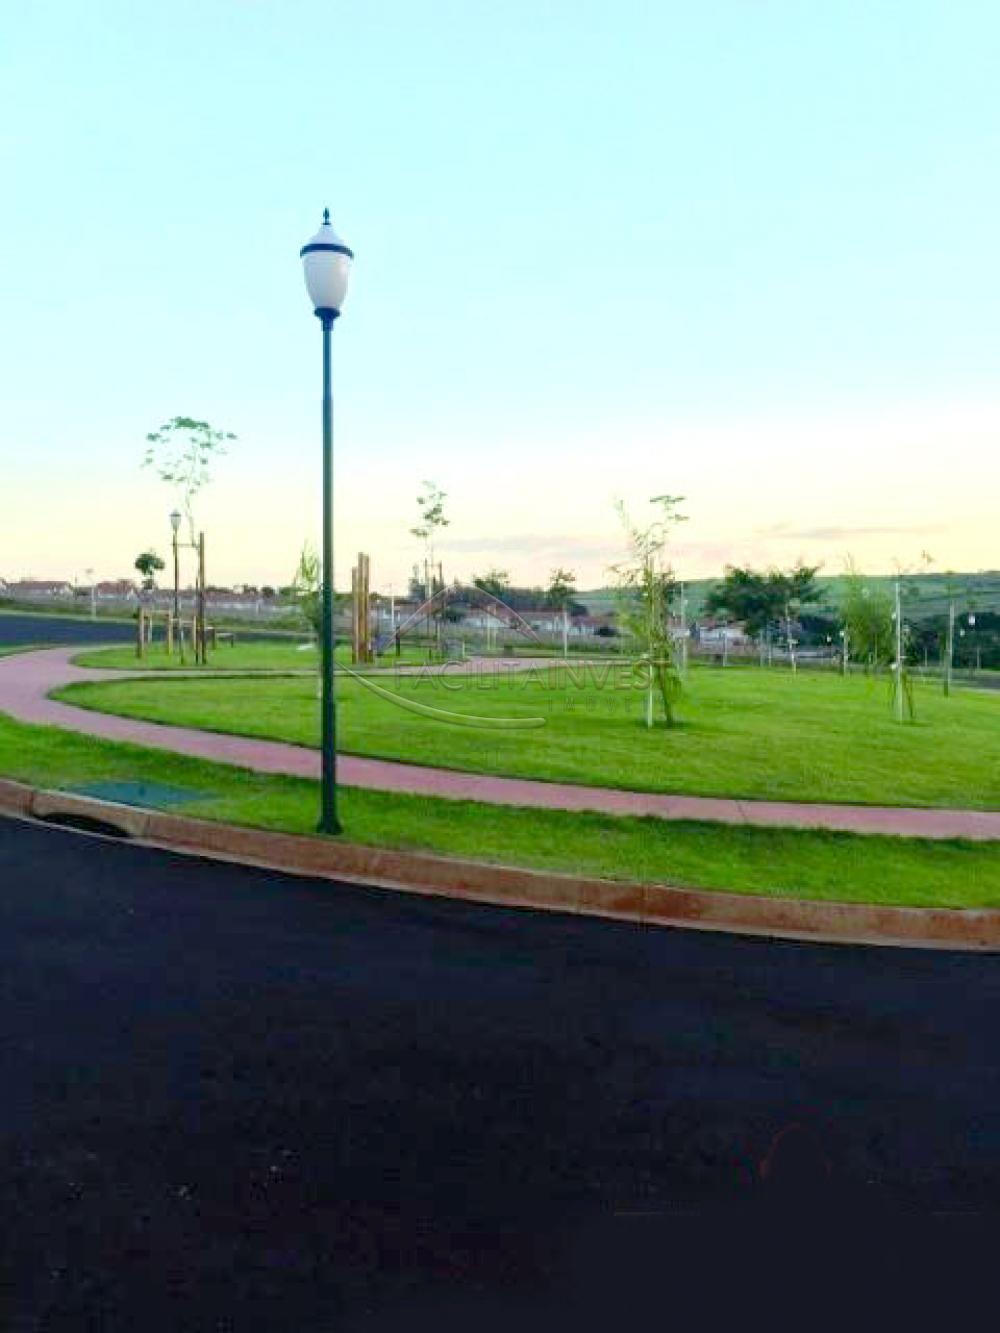 Comprar Terrenos / Terrenos em condomínio em Ribeirão Preto apenas R$ 355.000,00 - Foto 2